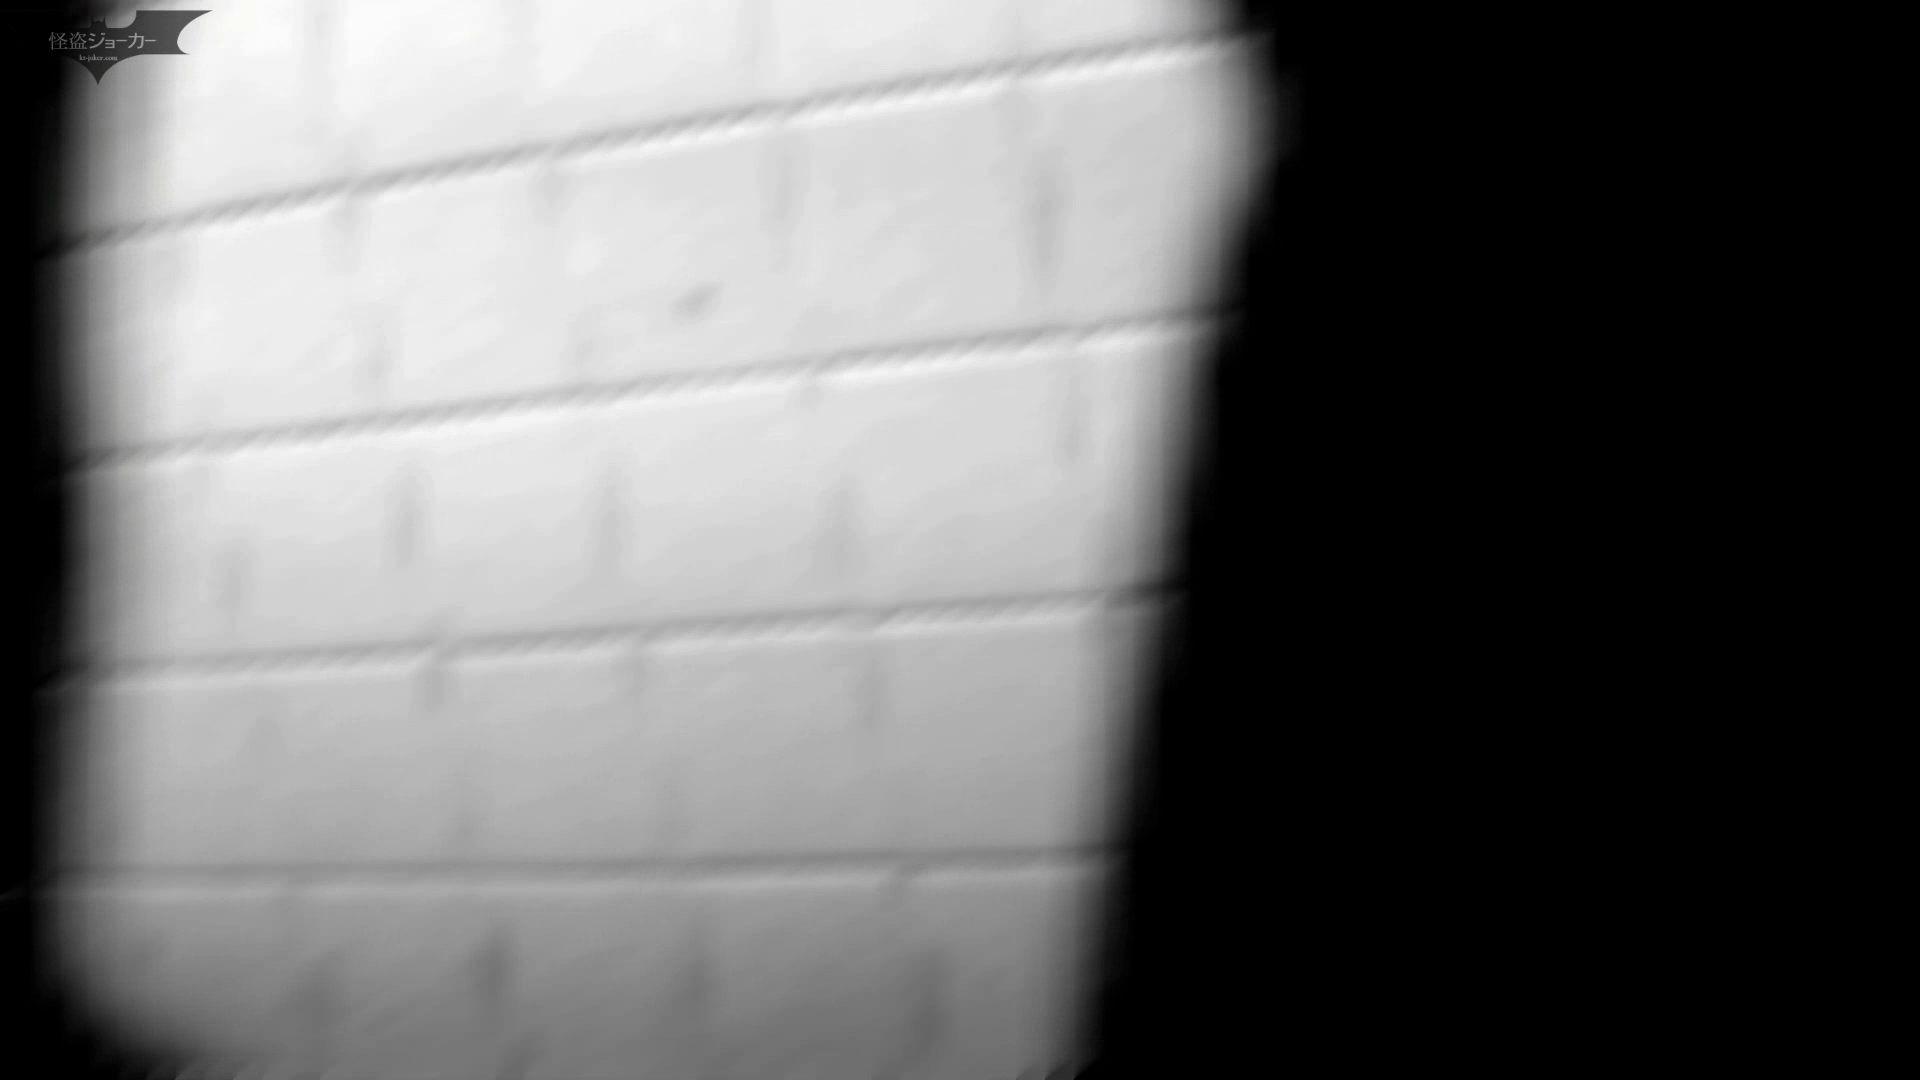 洗面所特攻隊 vol.52 今日も「通快」!コツは右太ももなんです! 洗面所 オメコ動画キャプチャ 72画像 29